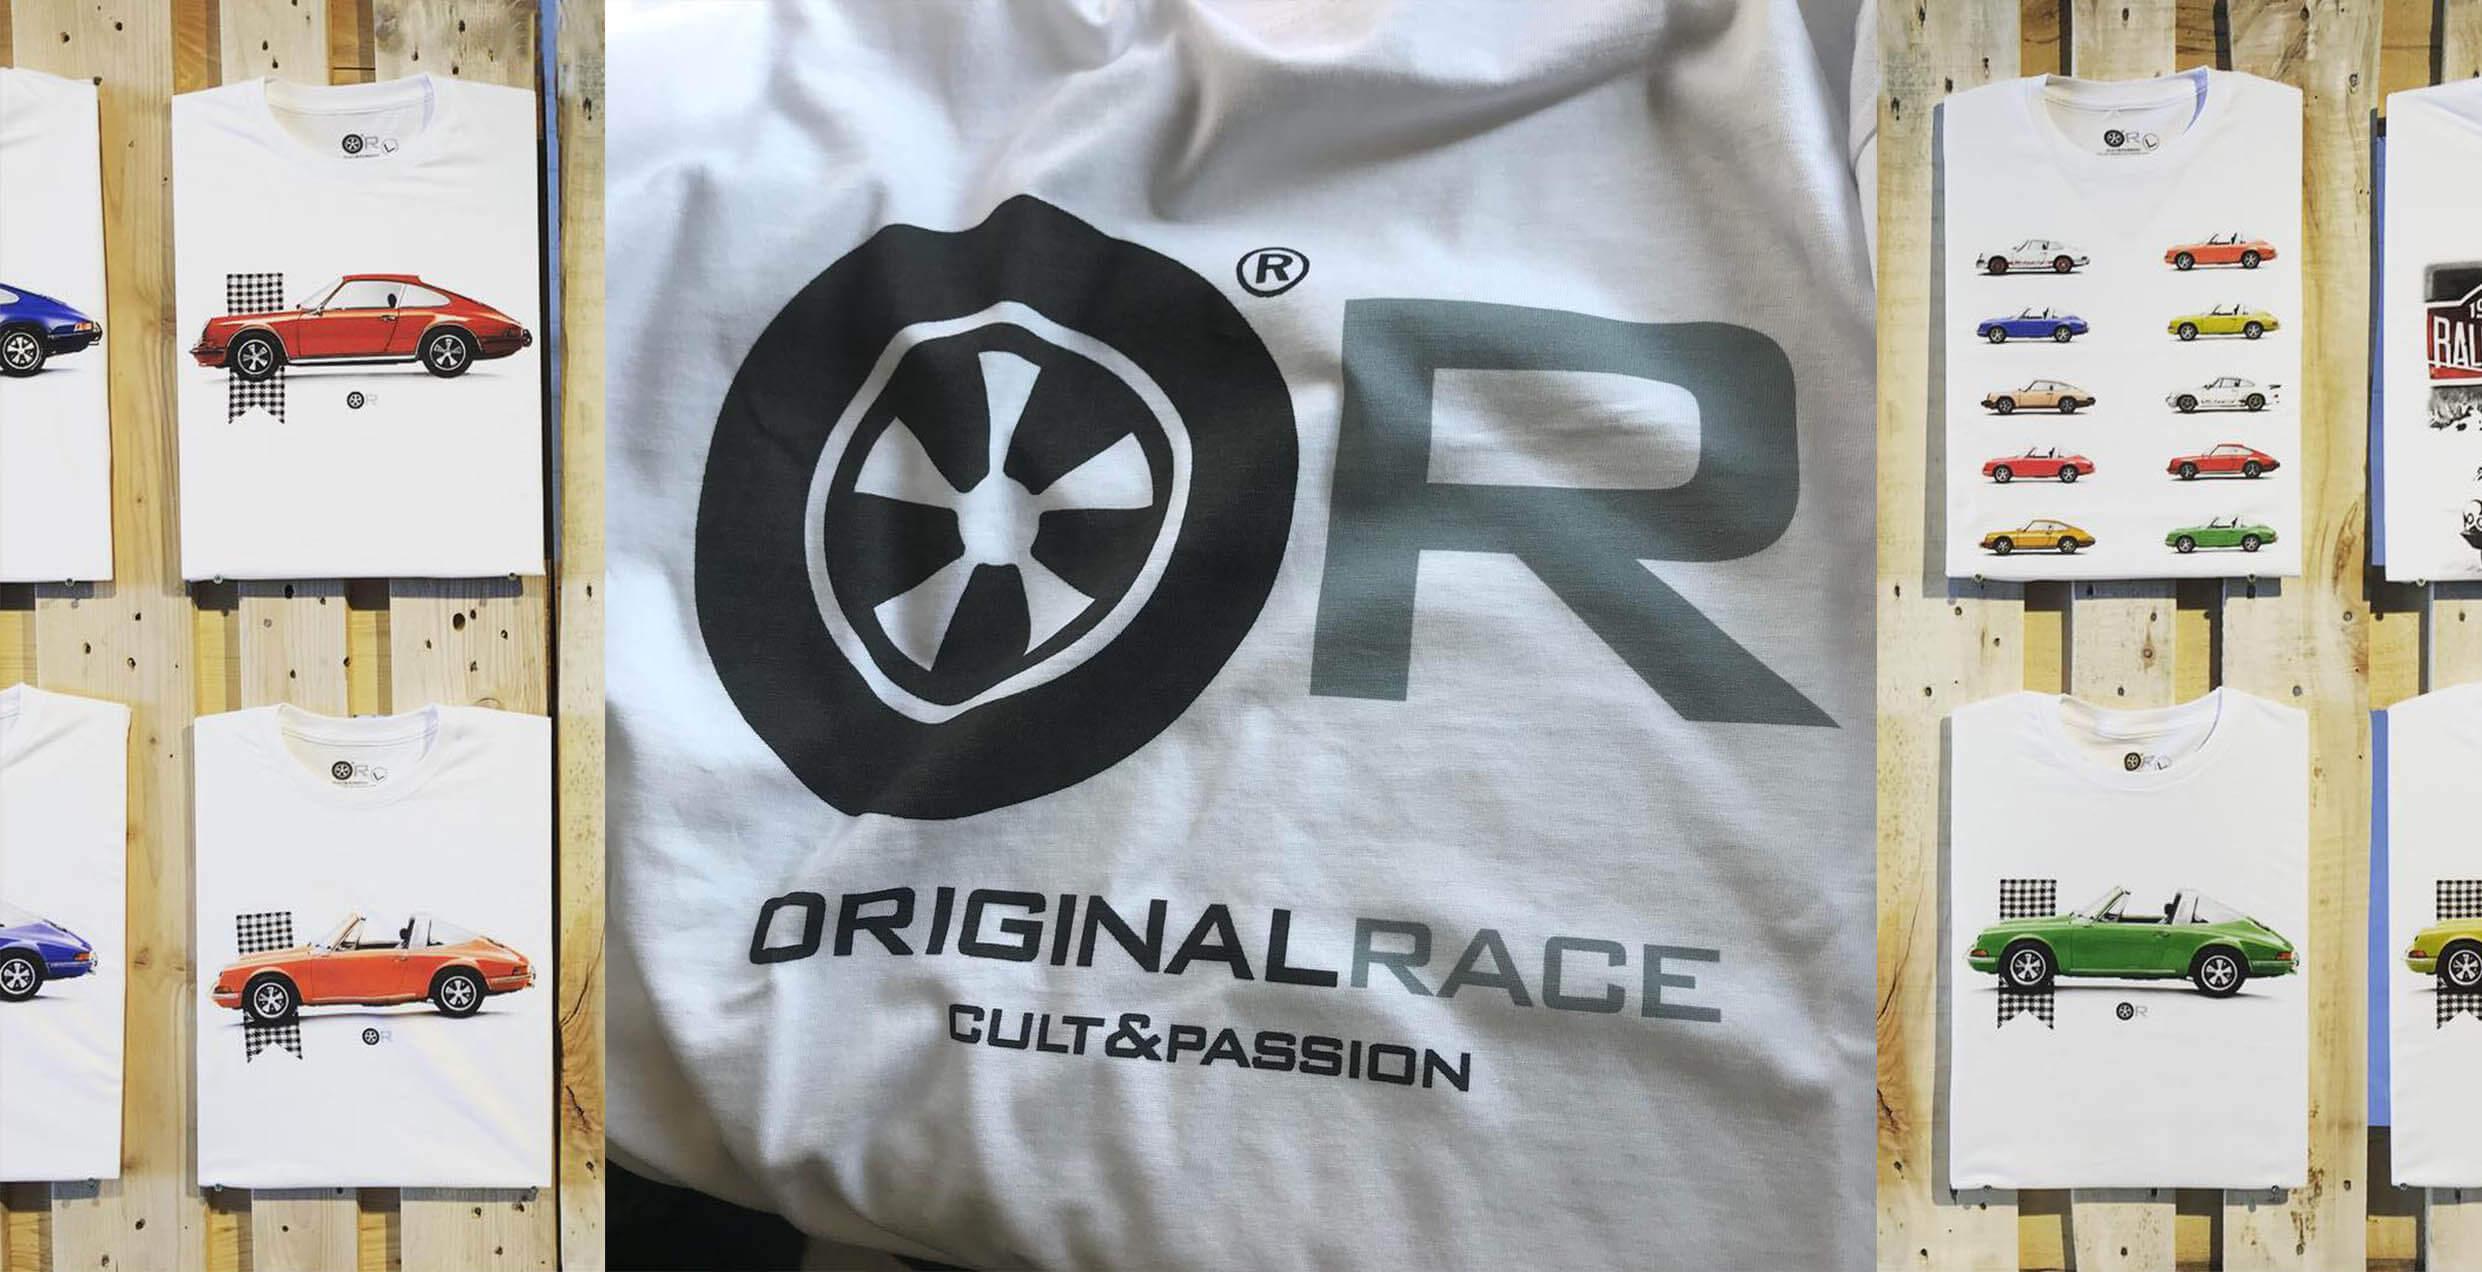 ORIGINAL RACE